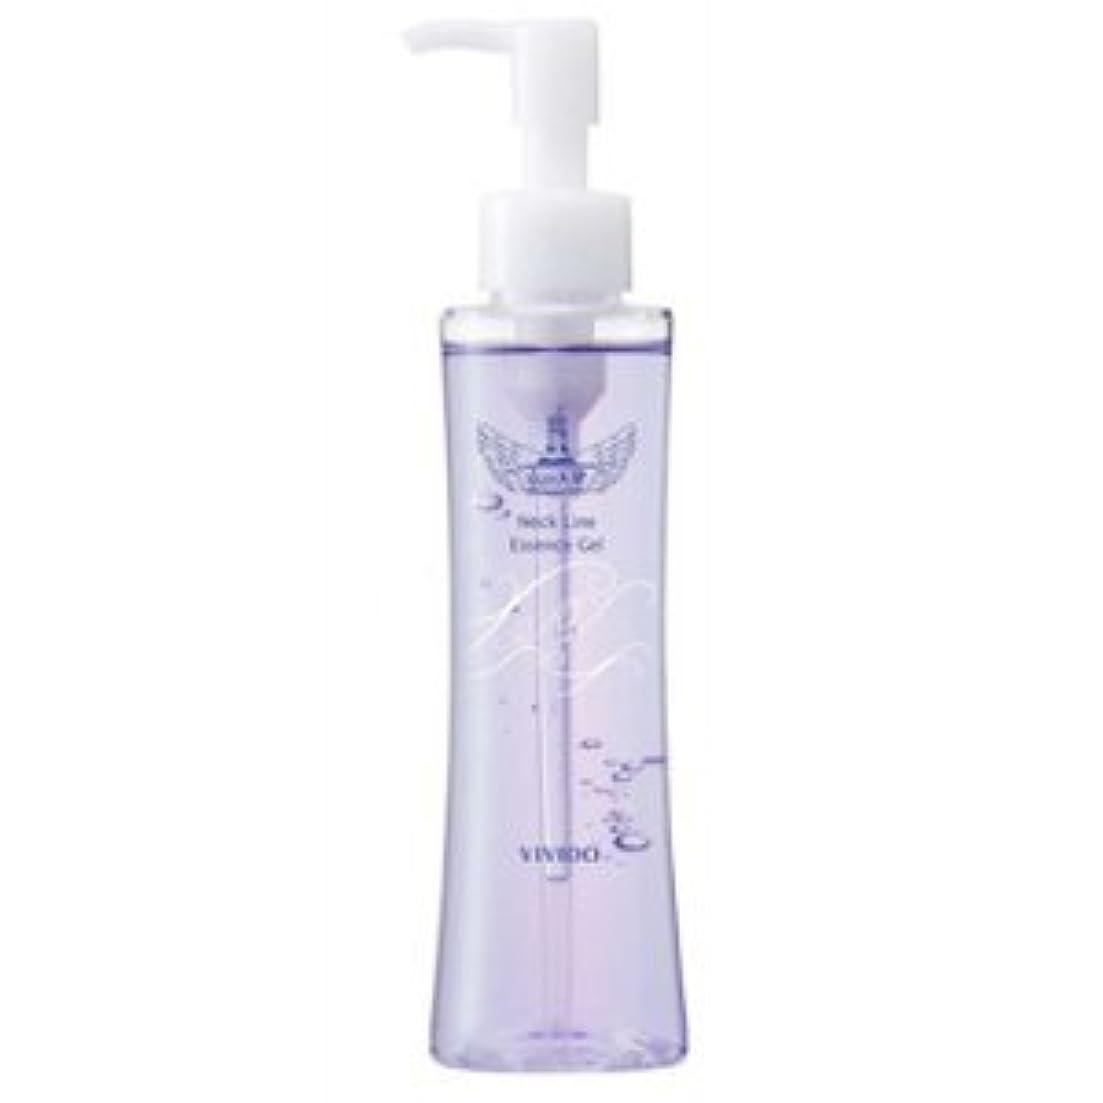 ベッドを作る新鮮な前投薬水の天使プレミアムネックライン美容液150g 5個セット